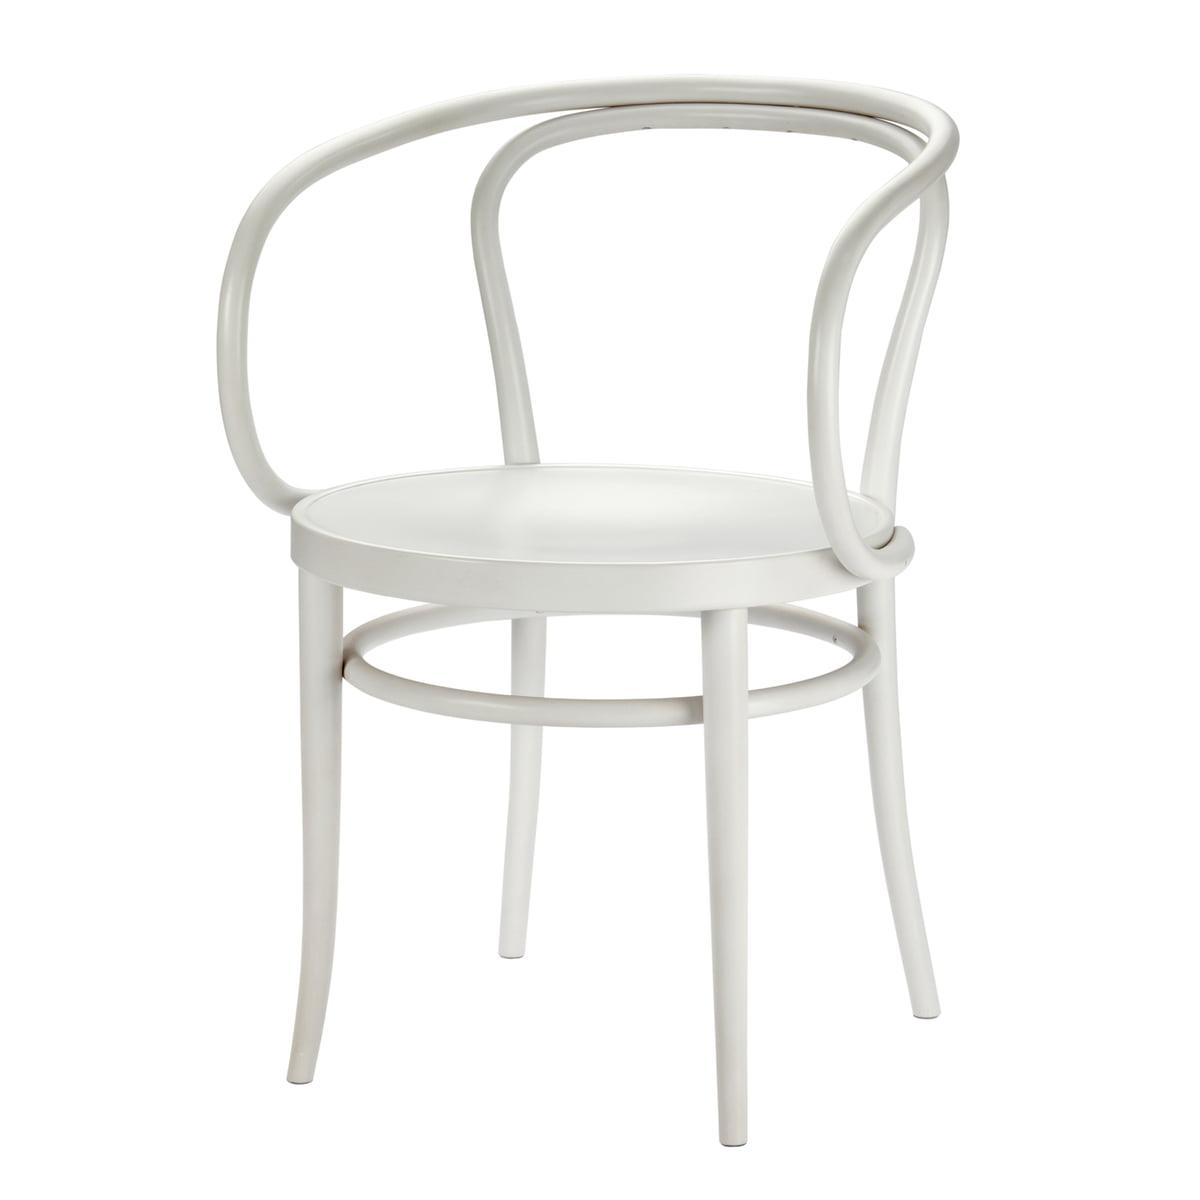 Thonet - 209 M Bugholzstuhl, Muldensitz / Buche weiß lasiert (TP 200) | Küche und Esszimmer > Stühle und Hocker > Holzstühle | Weiß | Thonet